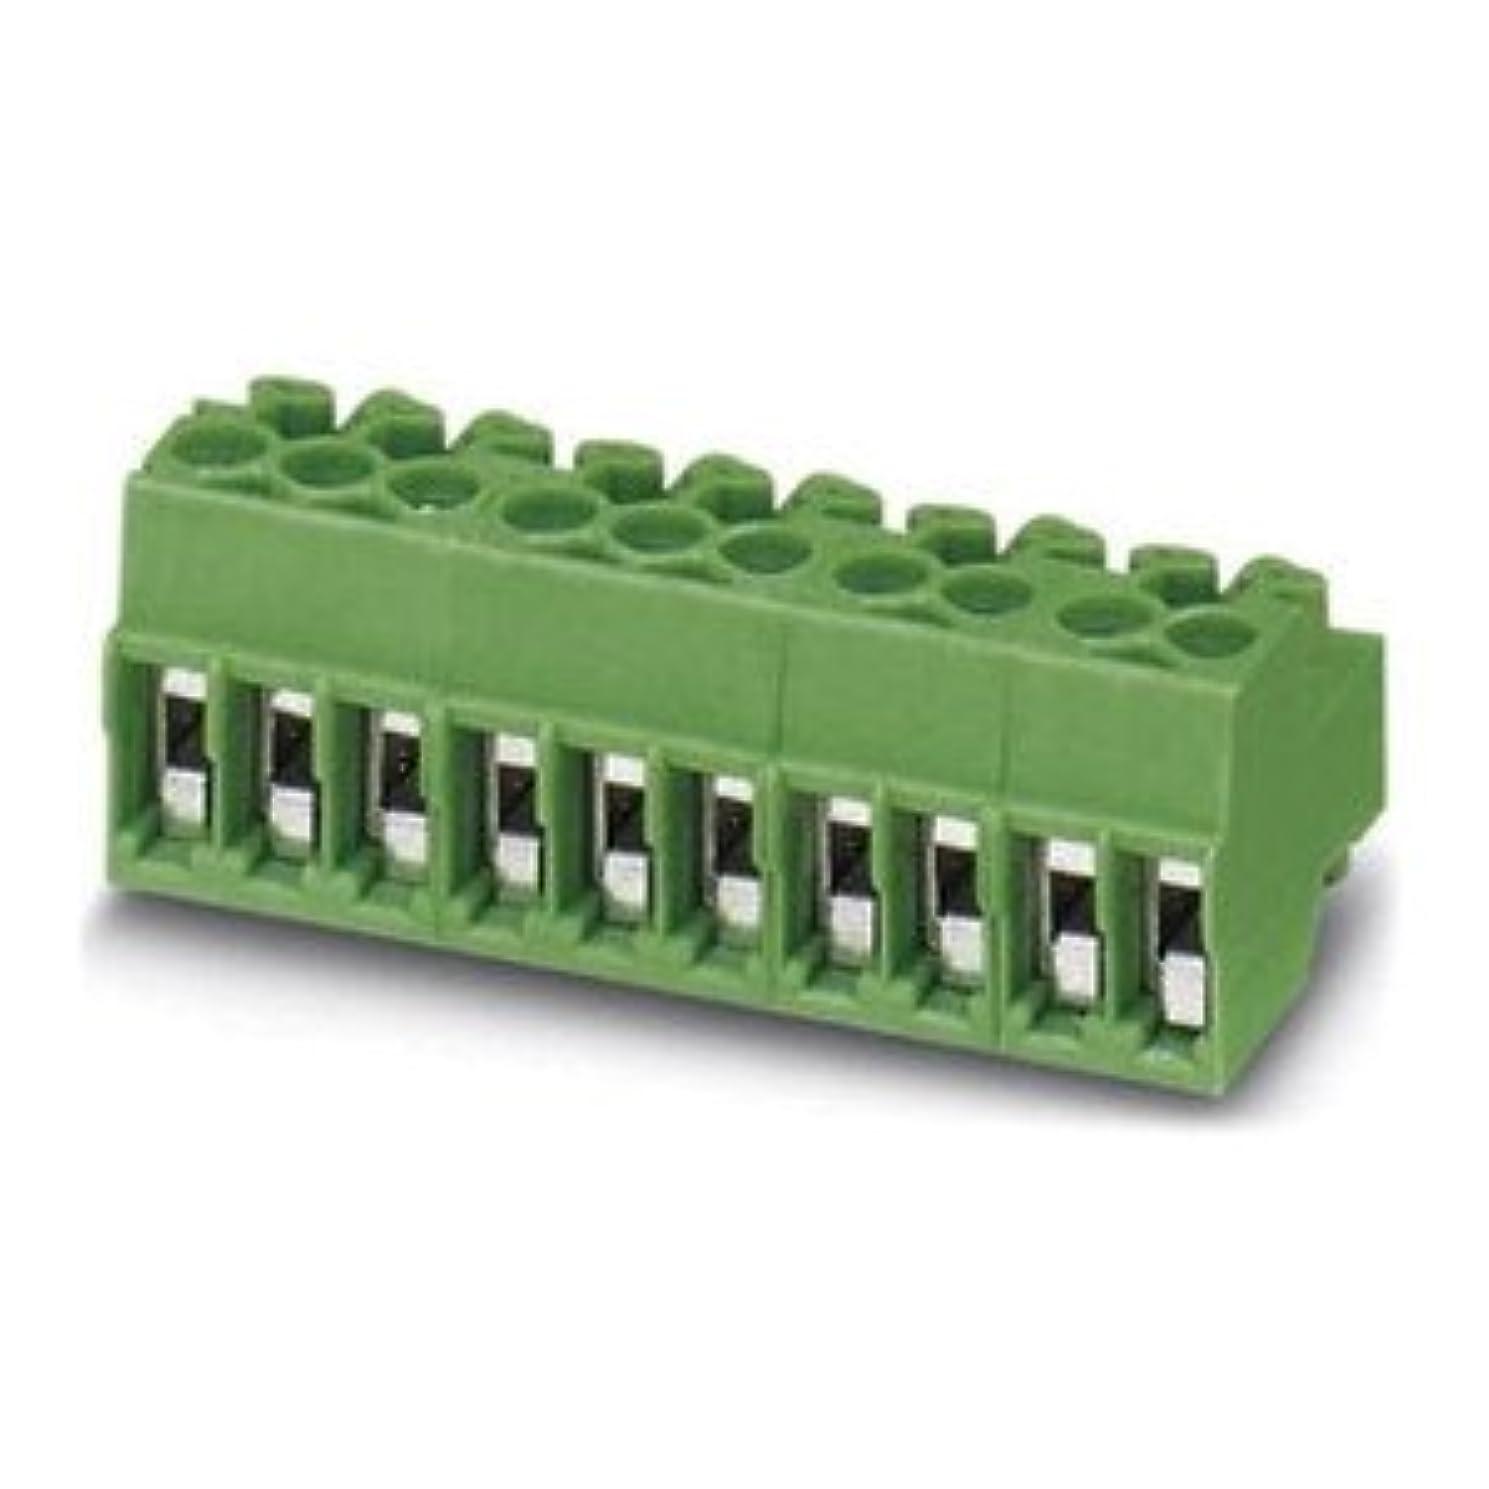 浮くパテ知覚するPhoenix Contact 基板用端子台 3.5mmピッチ 14極 緑 1984280